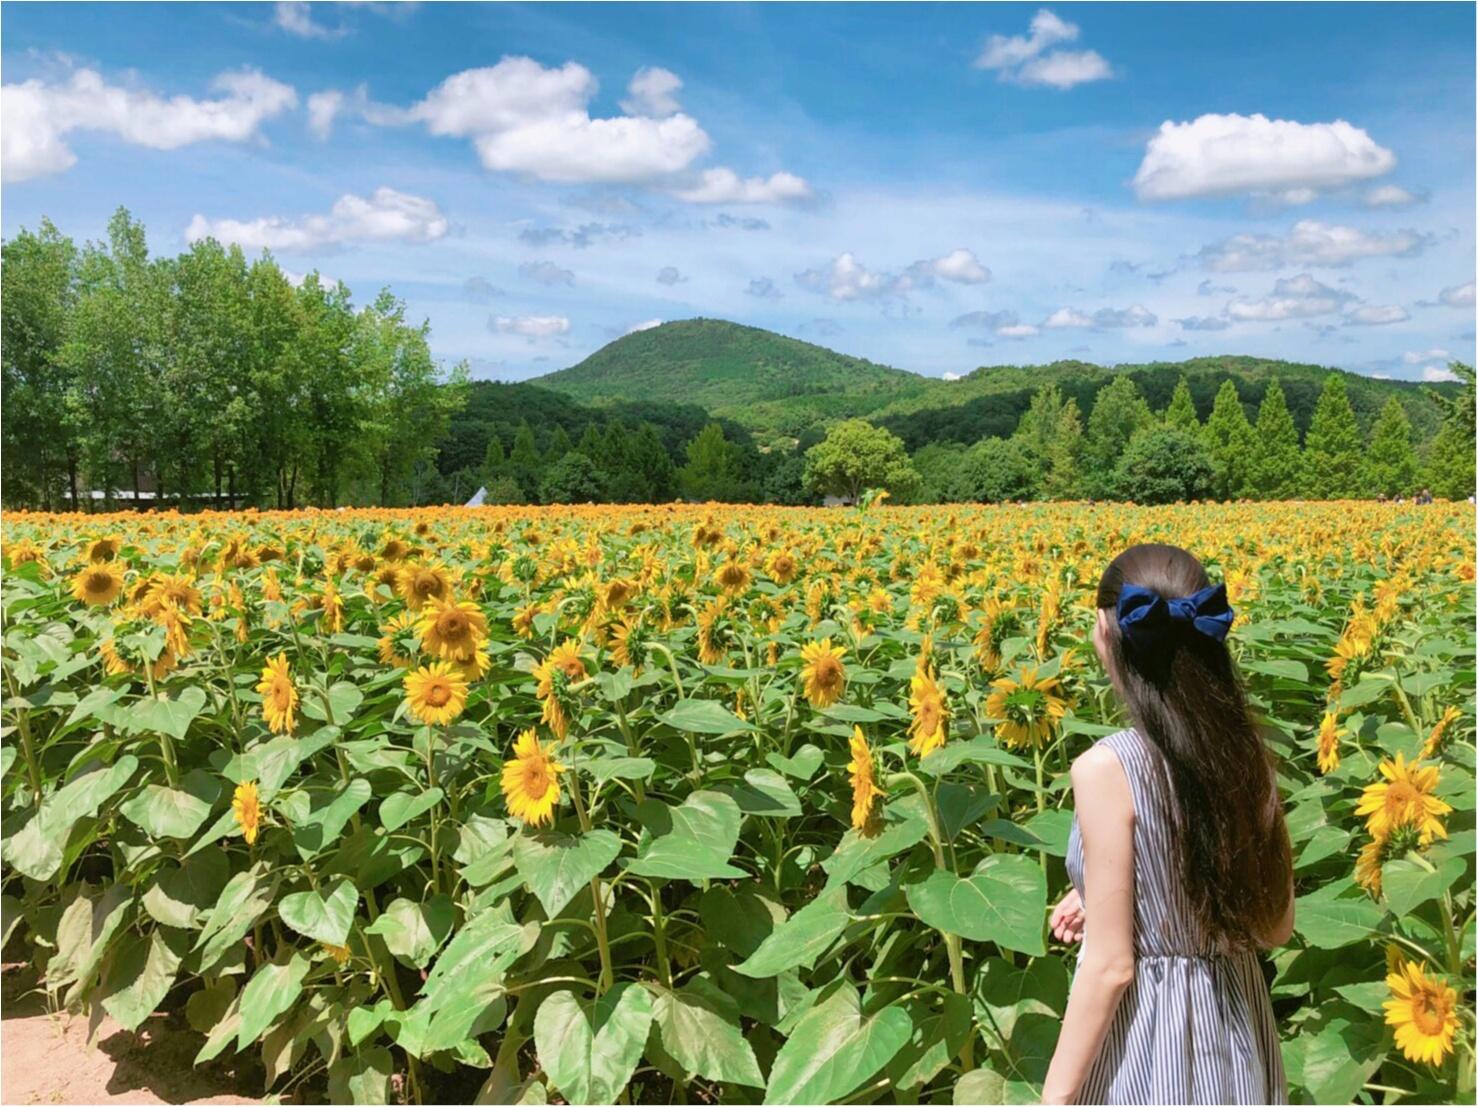 美しい夏の絶景♡ 100万本のひまわりが一面に広がる『ひまわり畑』が見たい♡♡_2